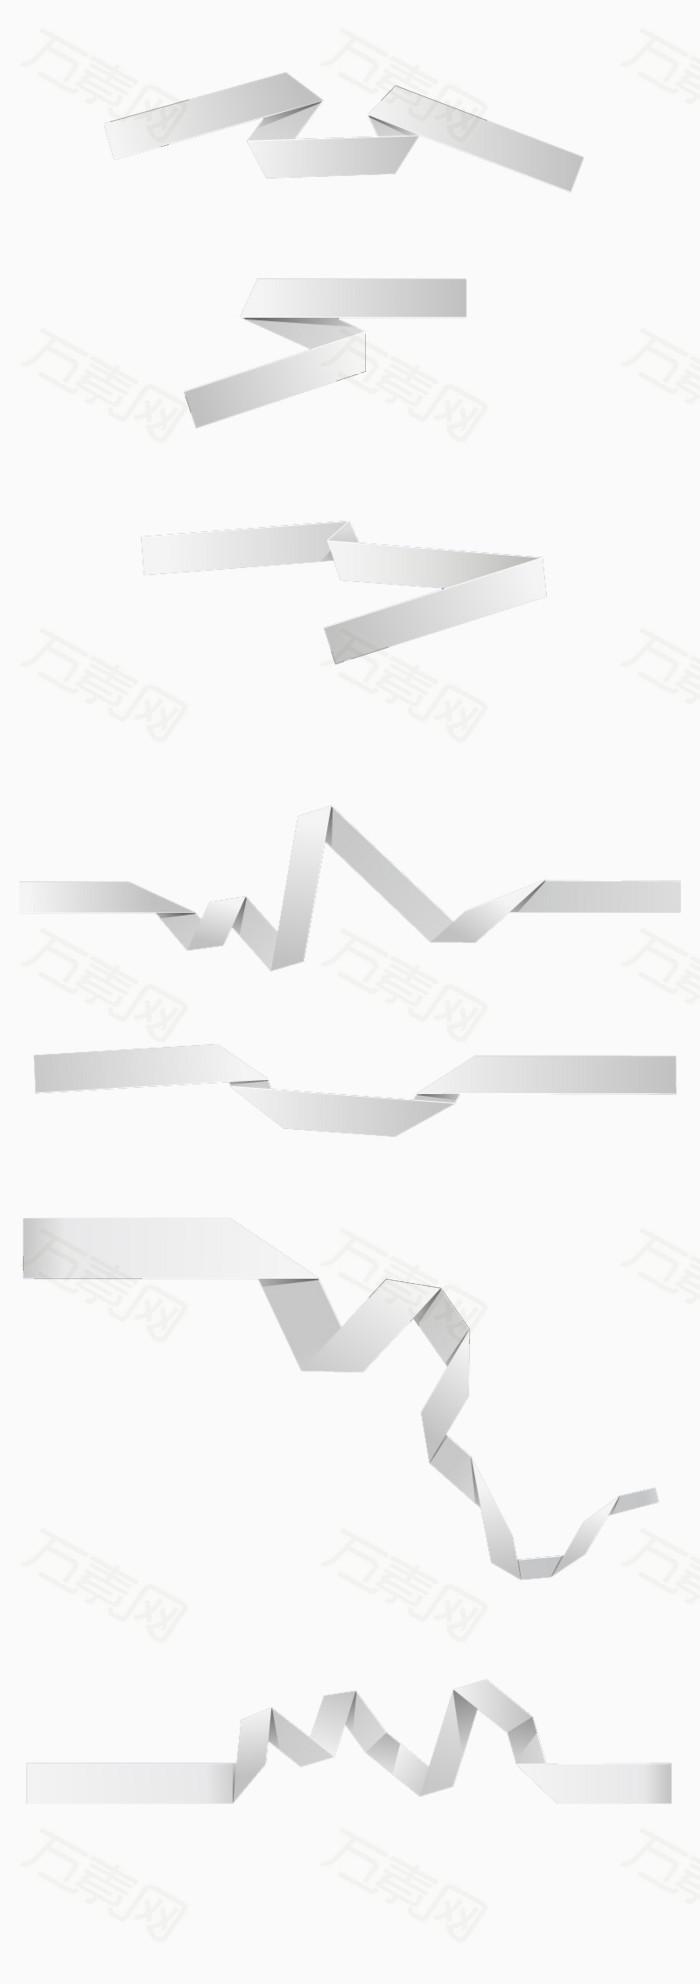 7款白色折纸丝带设计矢量素材